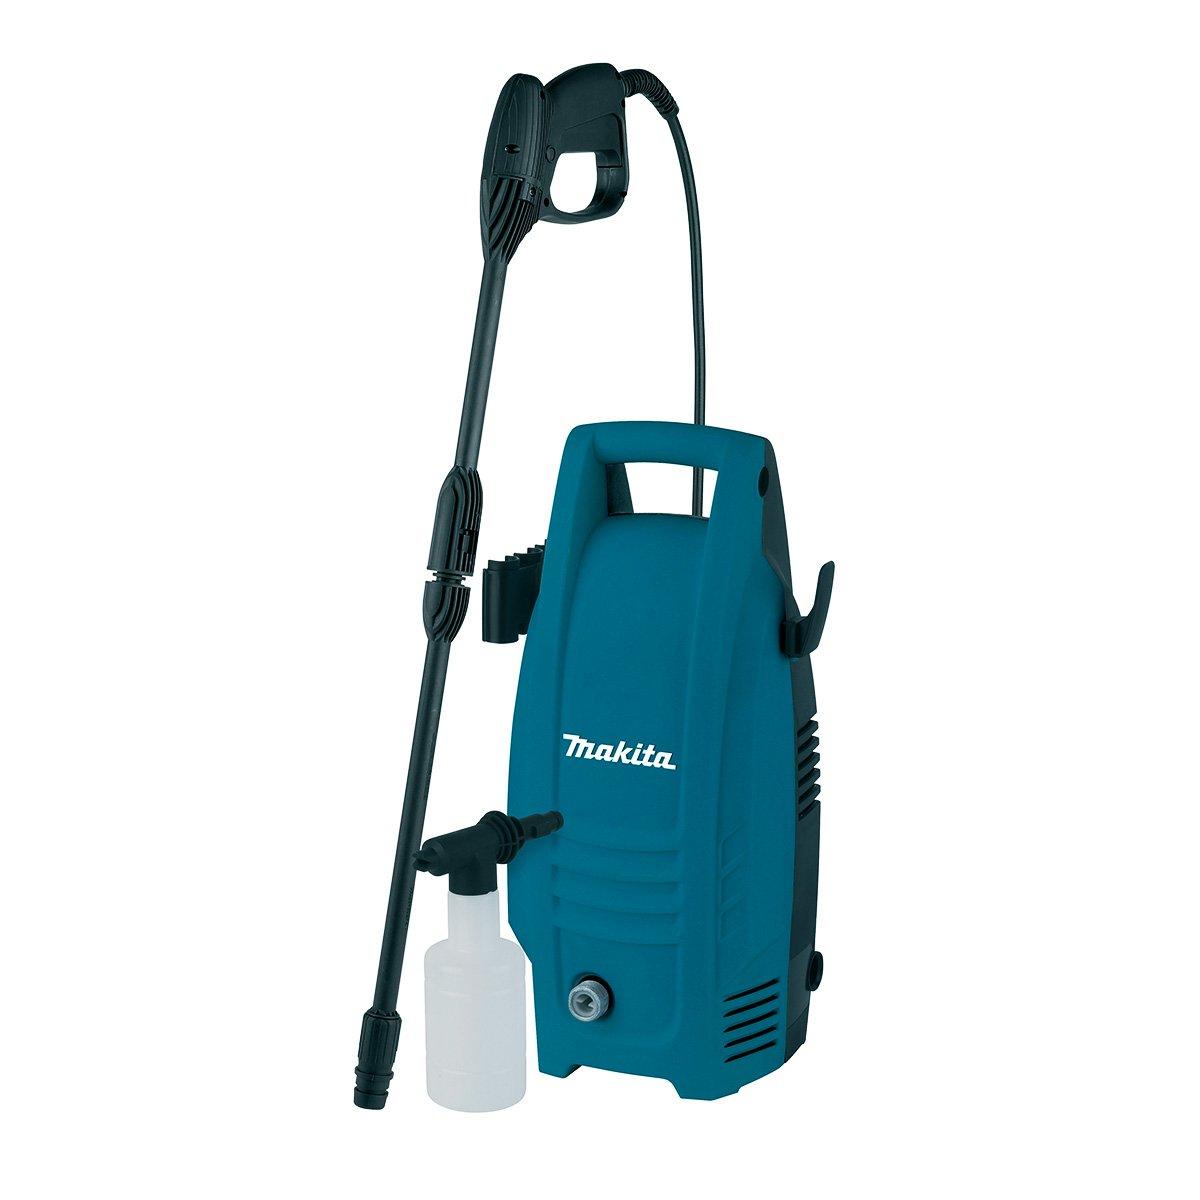 Auch Makita, bekannt für qualitatives Werkzeug und Gartenprodukte, stellt Hochdruckreiniger her.